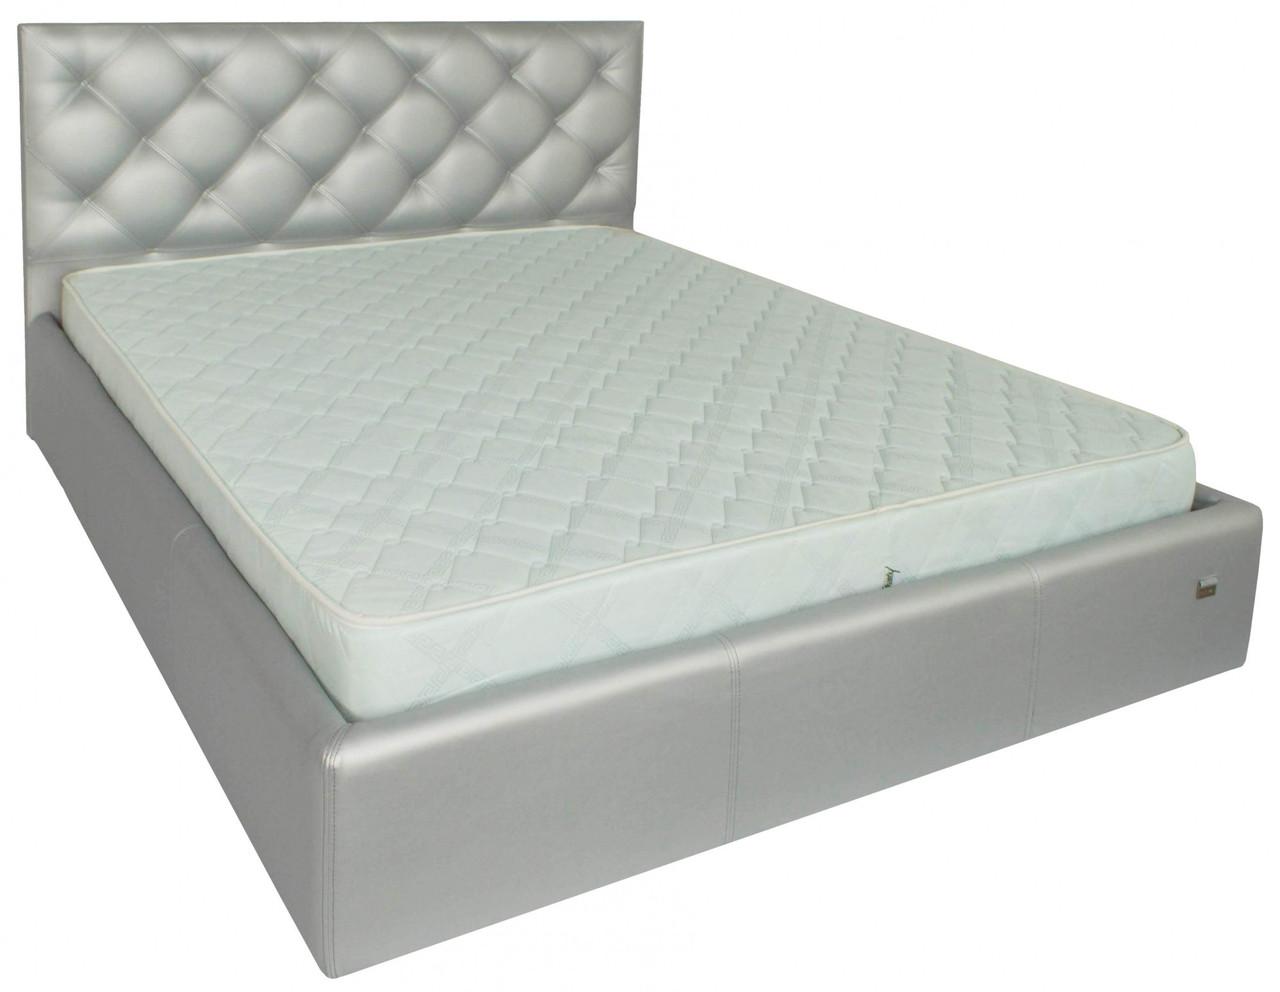 Ліжко Bristol Standart 140 х 190 см Zeus Deluxe Silver Срібляста